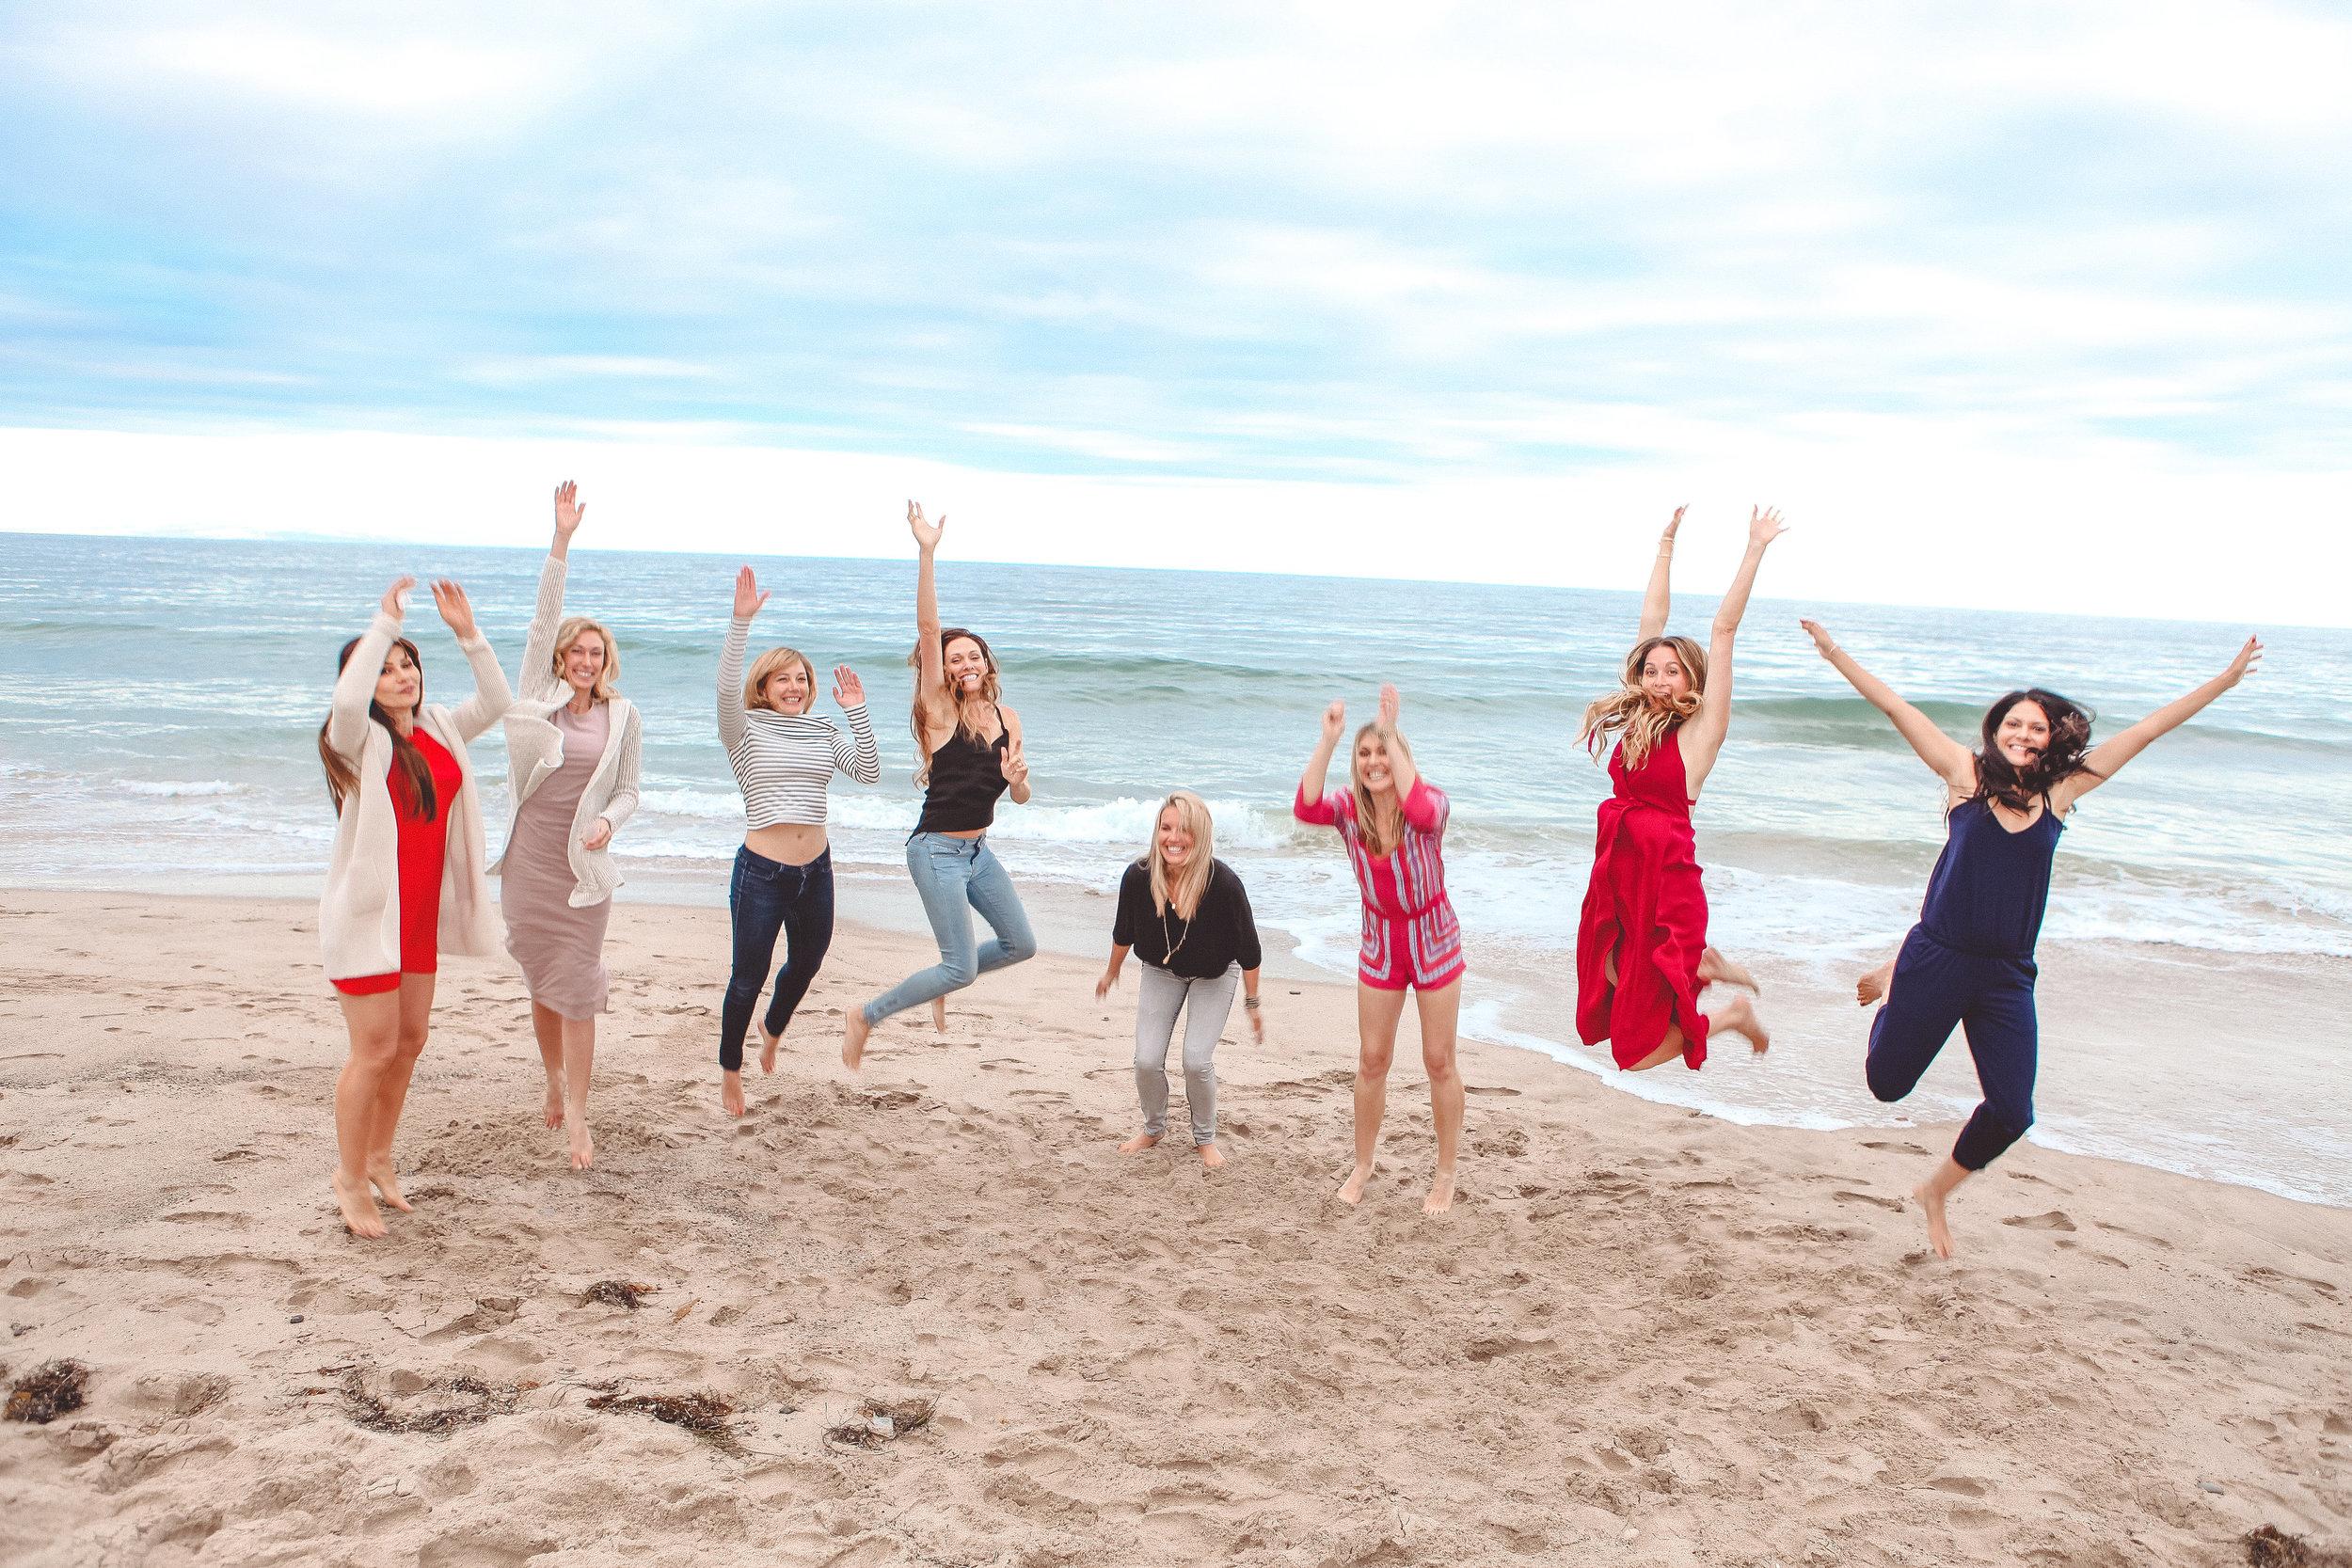 ographr friends jumping beach.jpg